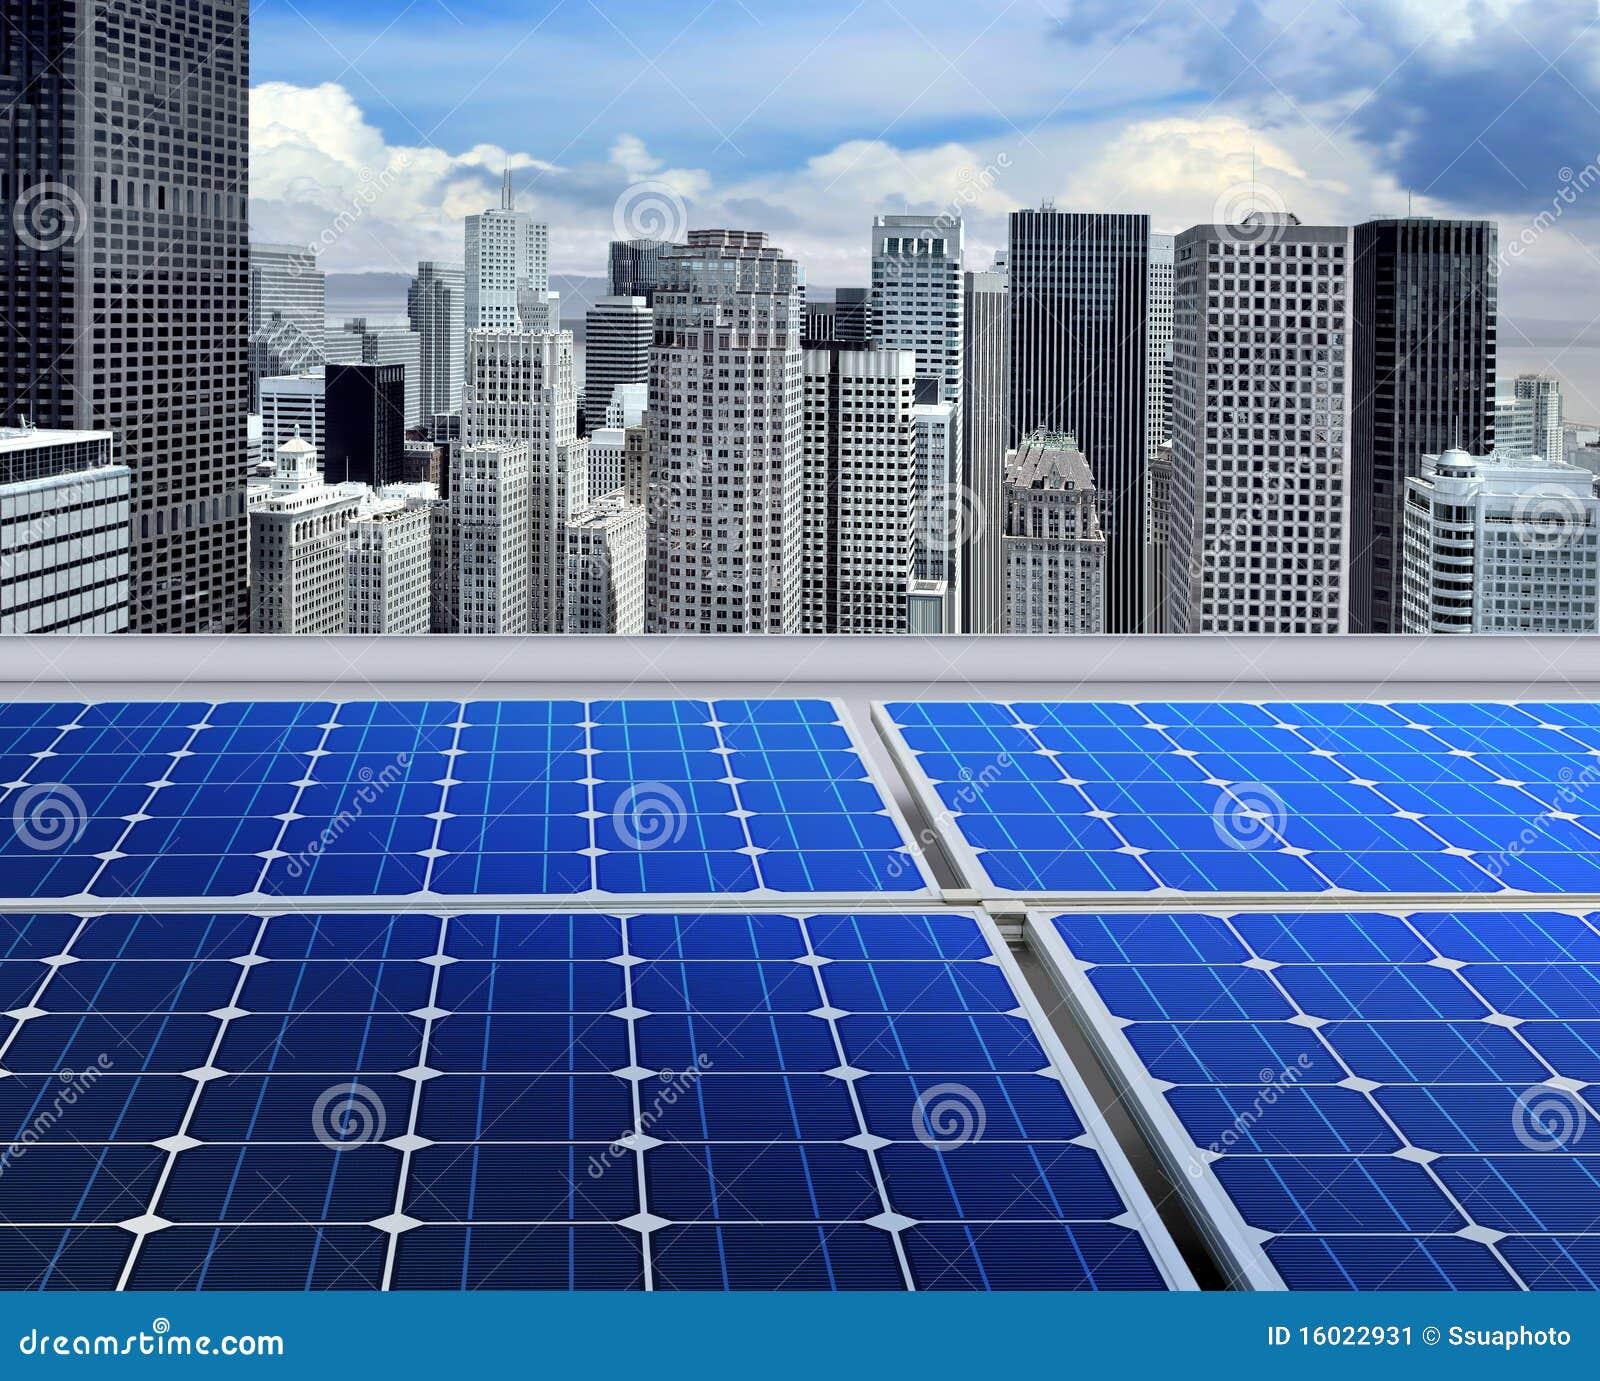 Los paneles solares en la azotea moderna